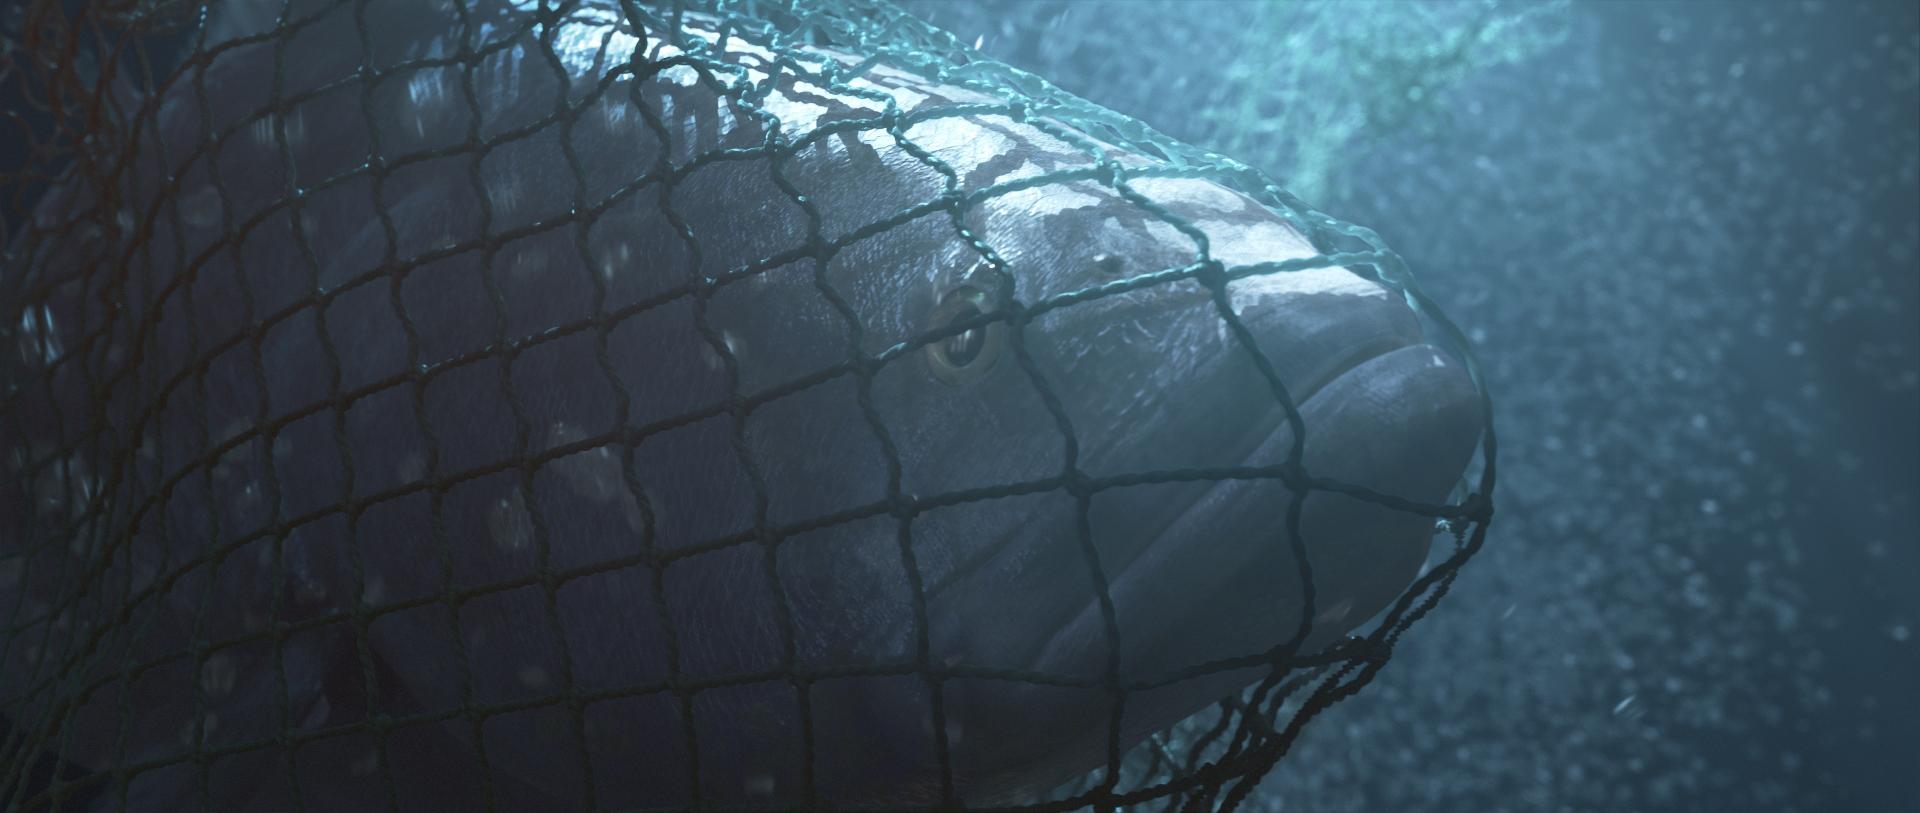 《魅影海洋》日舞影展國際紀錄長片觀眾票選 爛番茄影評指數高達97% 強力推薦